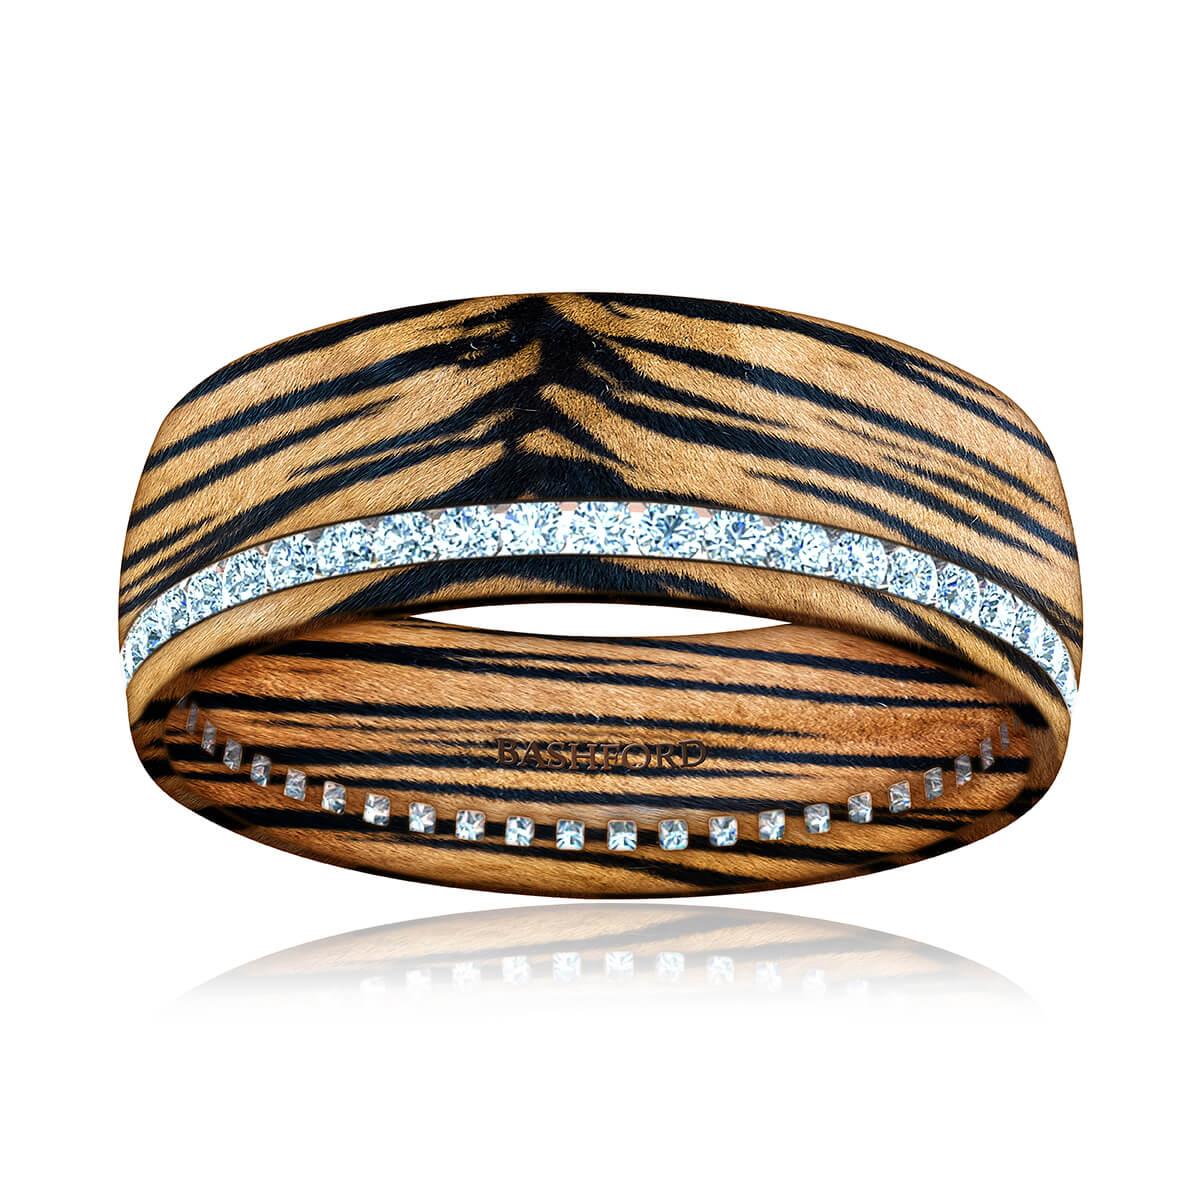 Panthera Mokume Diamond Band (1/2 CT. TW.)